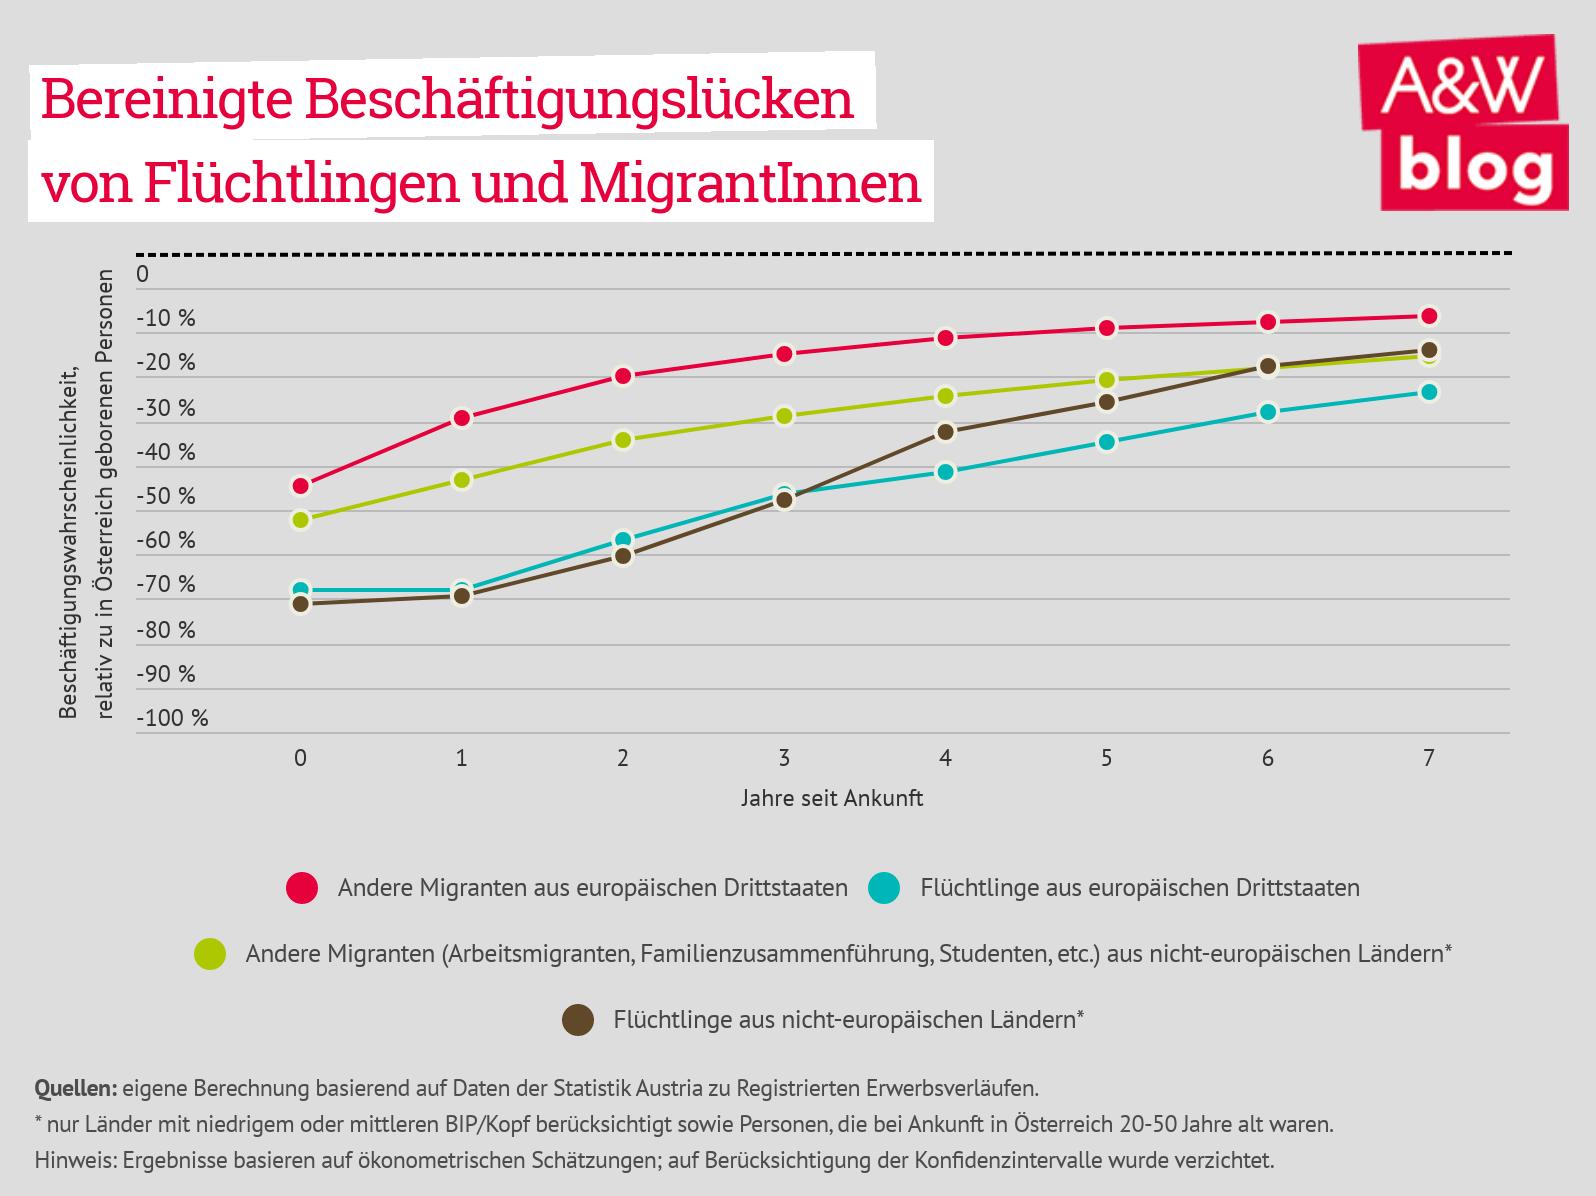 Bereinigte Beschäftigungslücken von Flüchtlingen und MigrantInnen